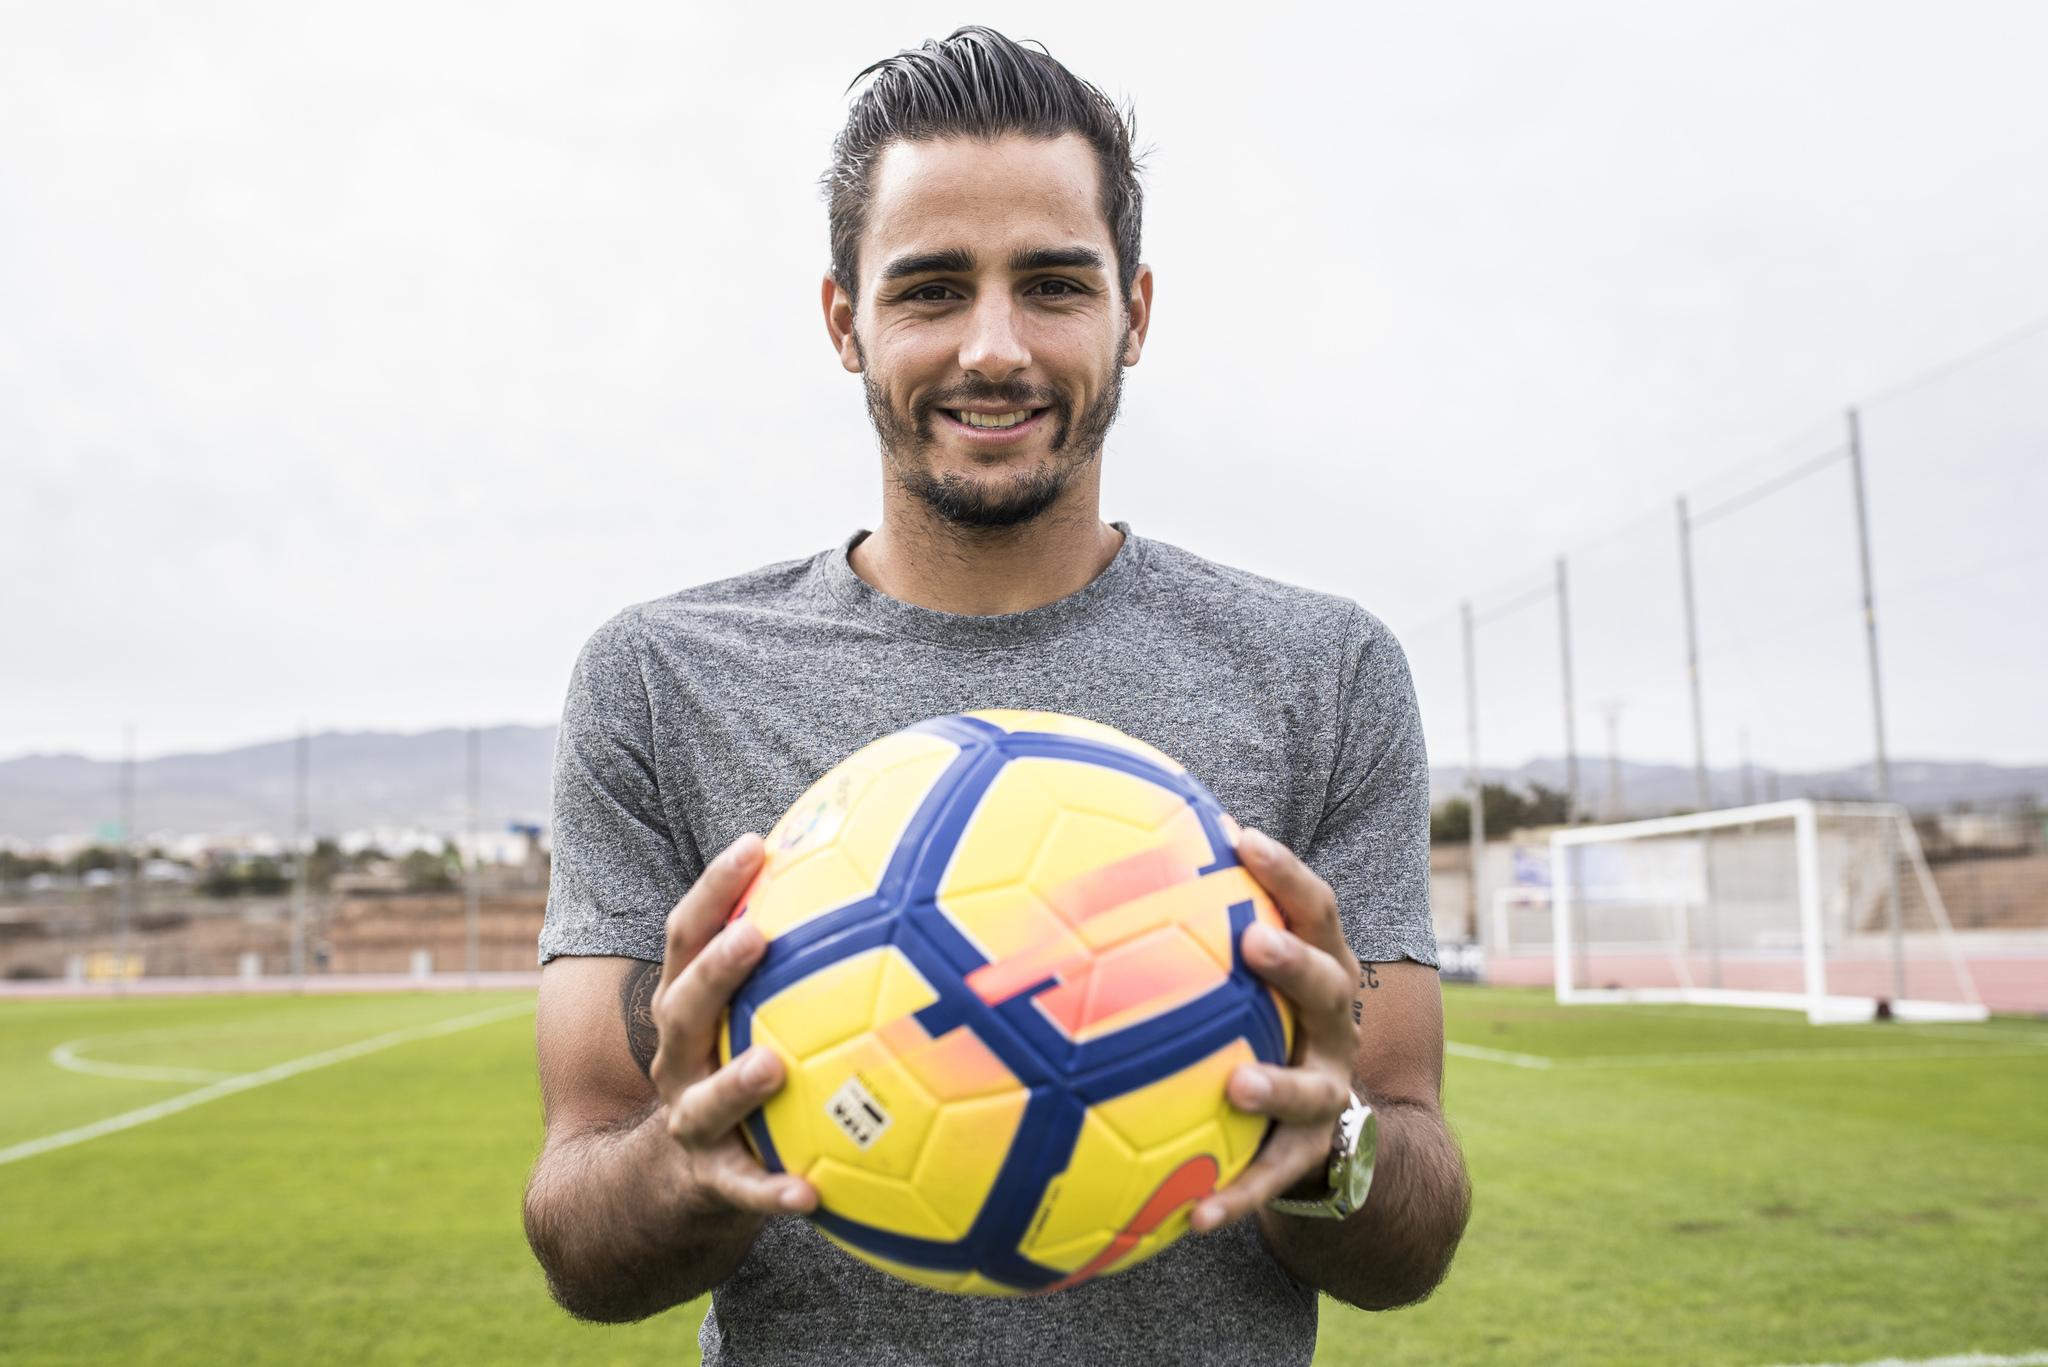 David Simón posa con un balón momentos antes de la entrevista